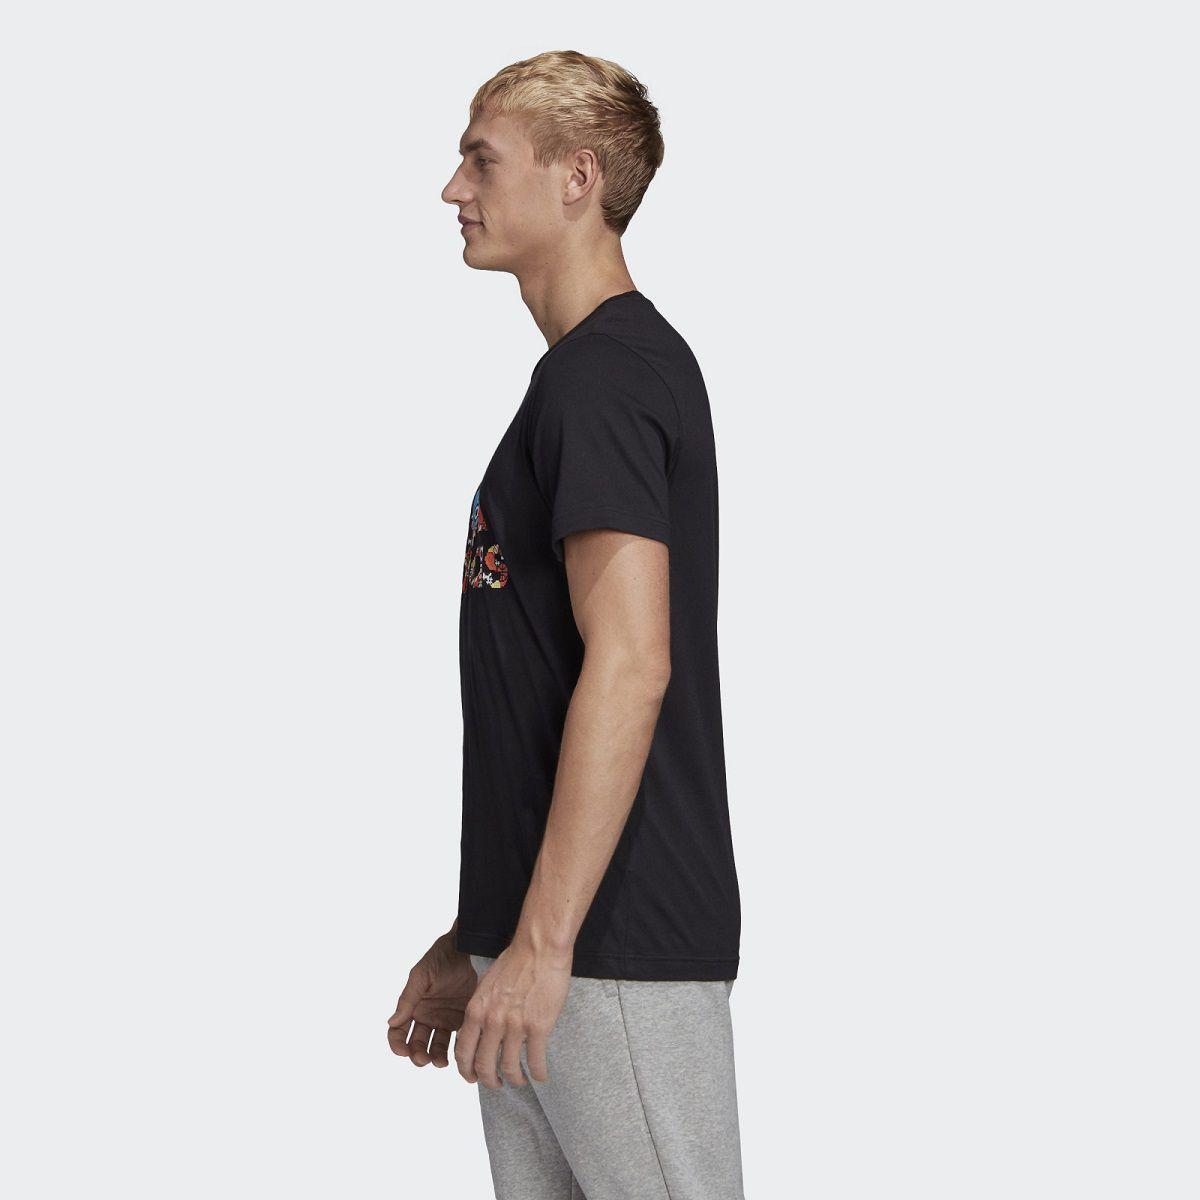 Camiseta Adidas 8-Bit Badge Of Sport